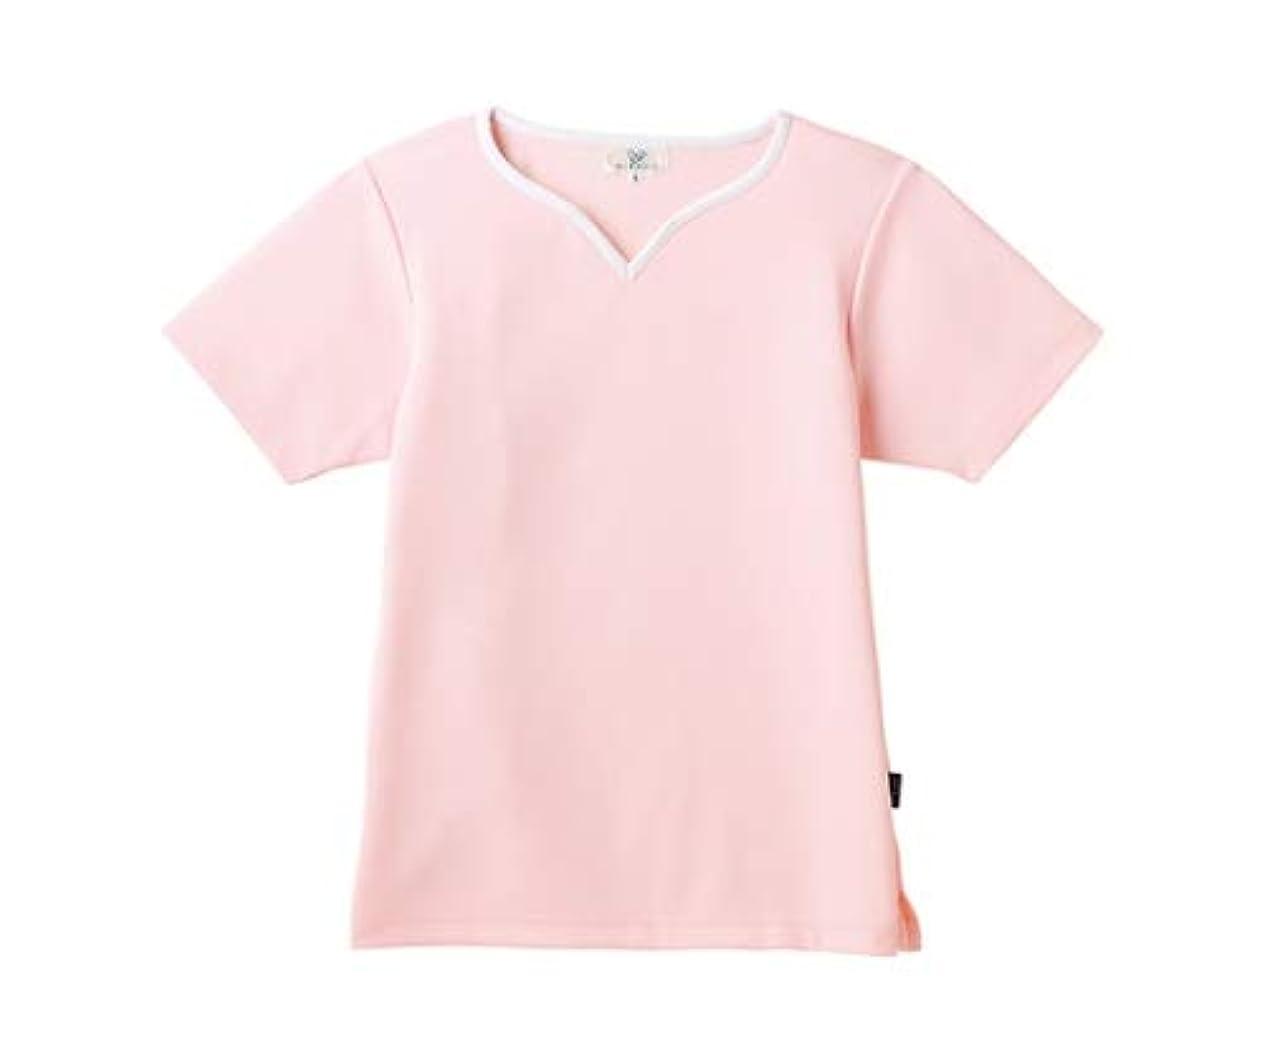 波調和のとれた用量トンボ/KIRAKU レディス入浴介助用シャツ CR161 S ピンク